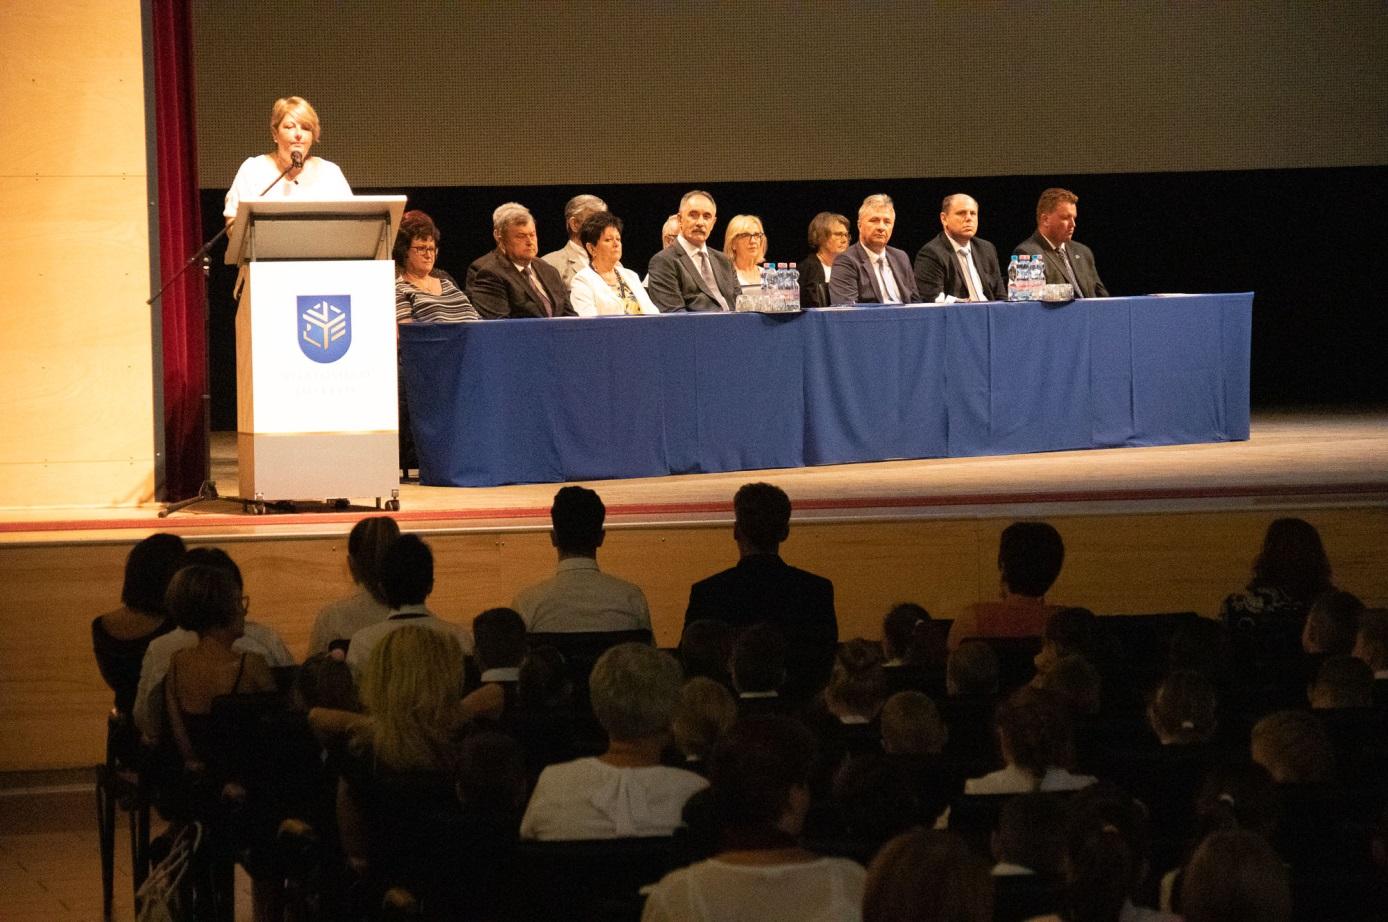 Vassné dr. habil Figula Erika a fenntartó Nyíregyházi Egyetem rektora ünnepi köszöntőjét mondja